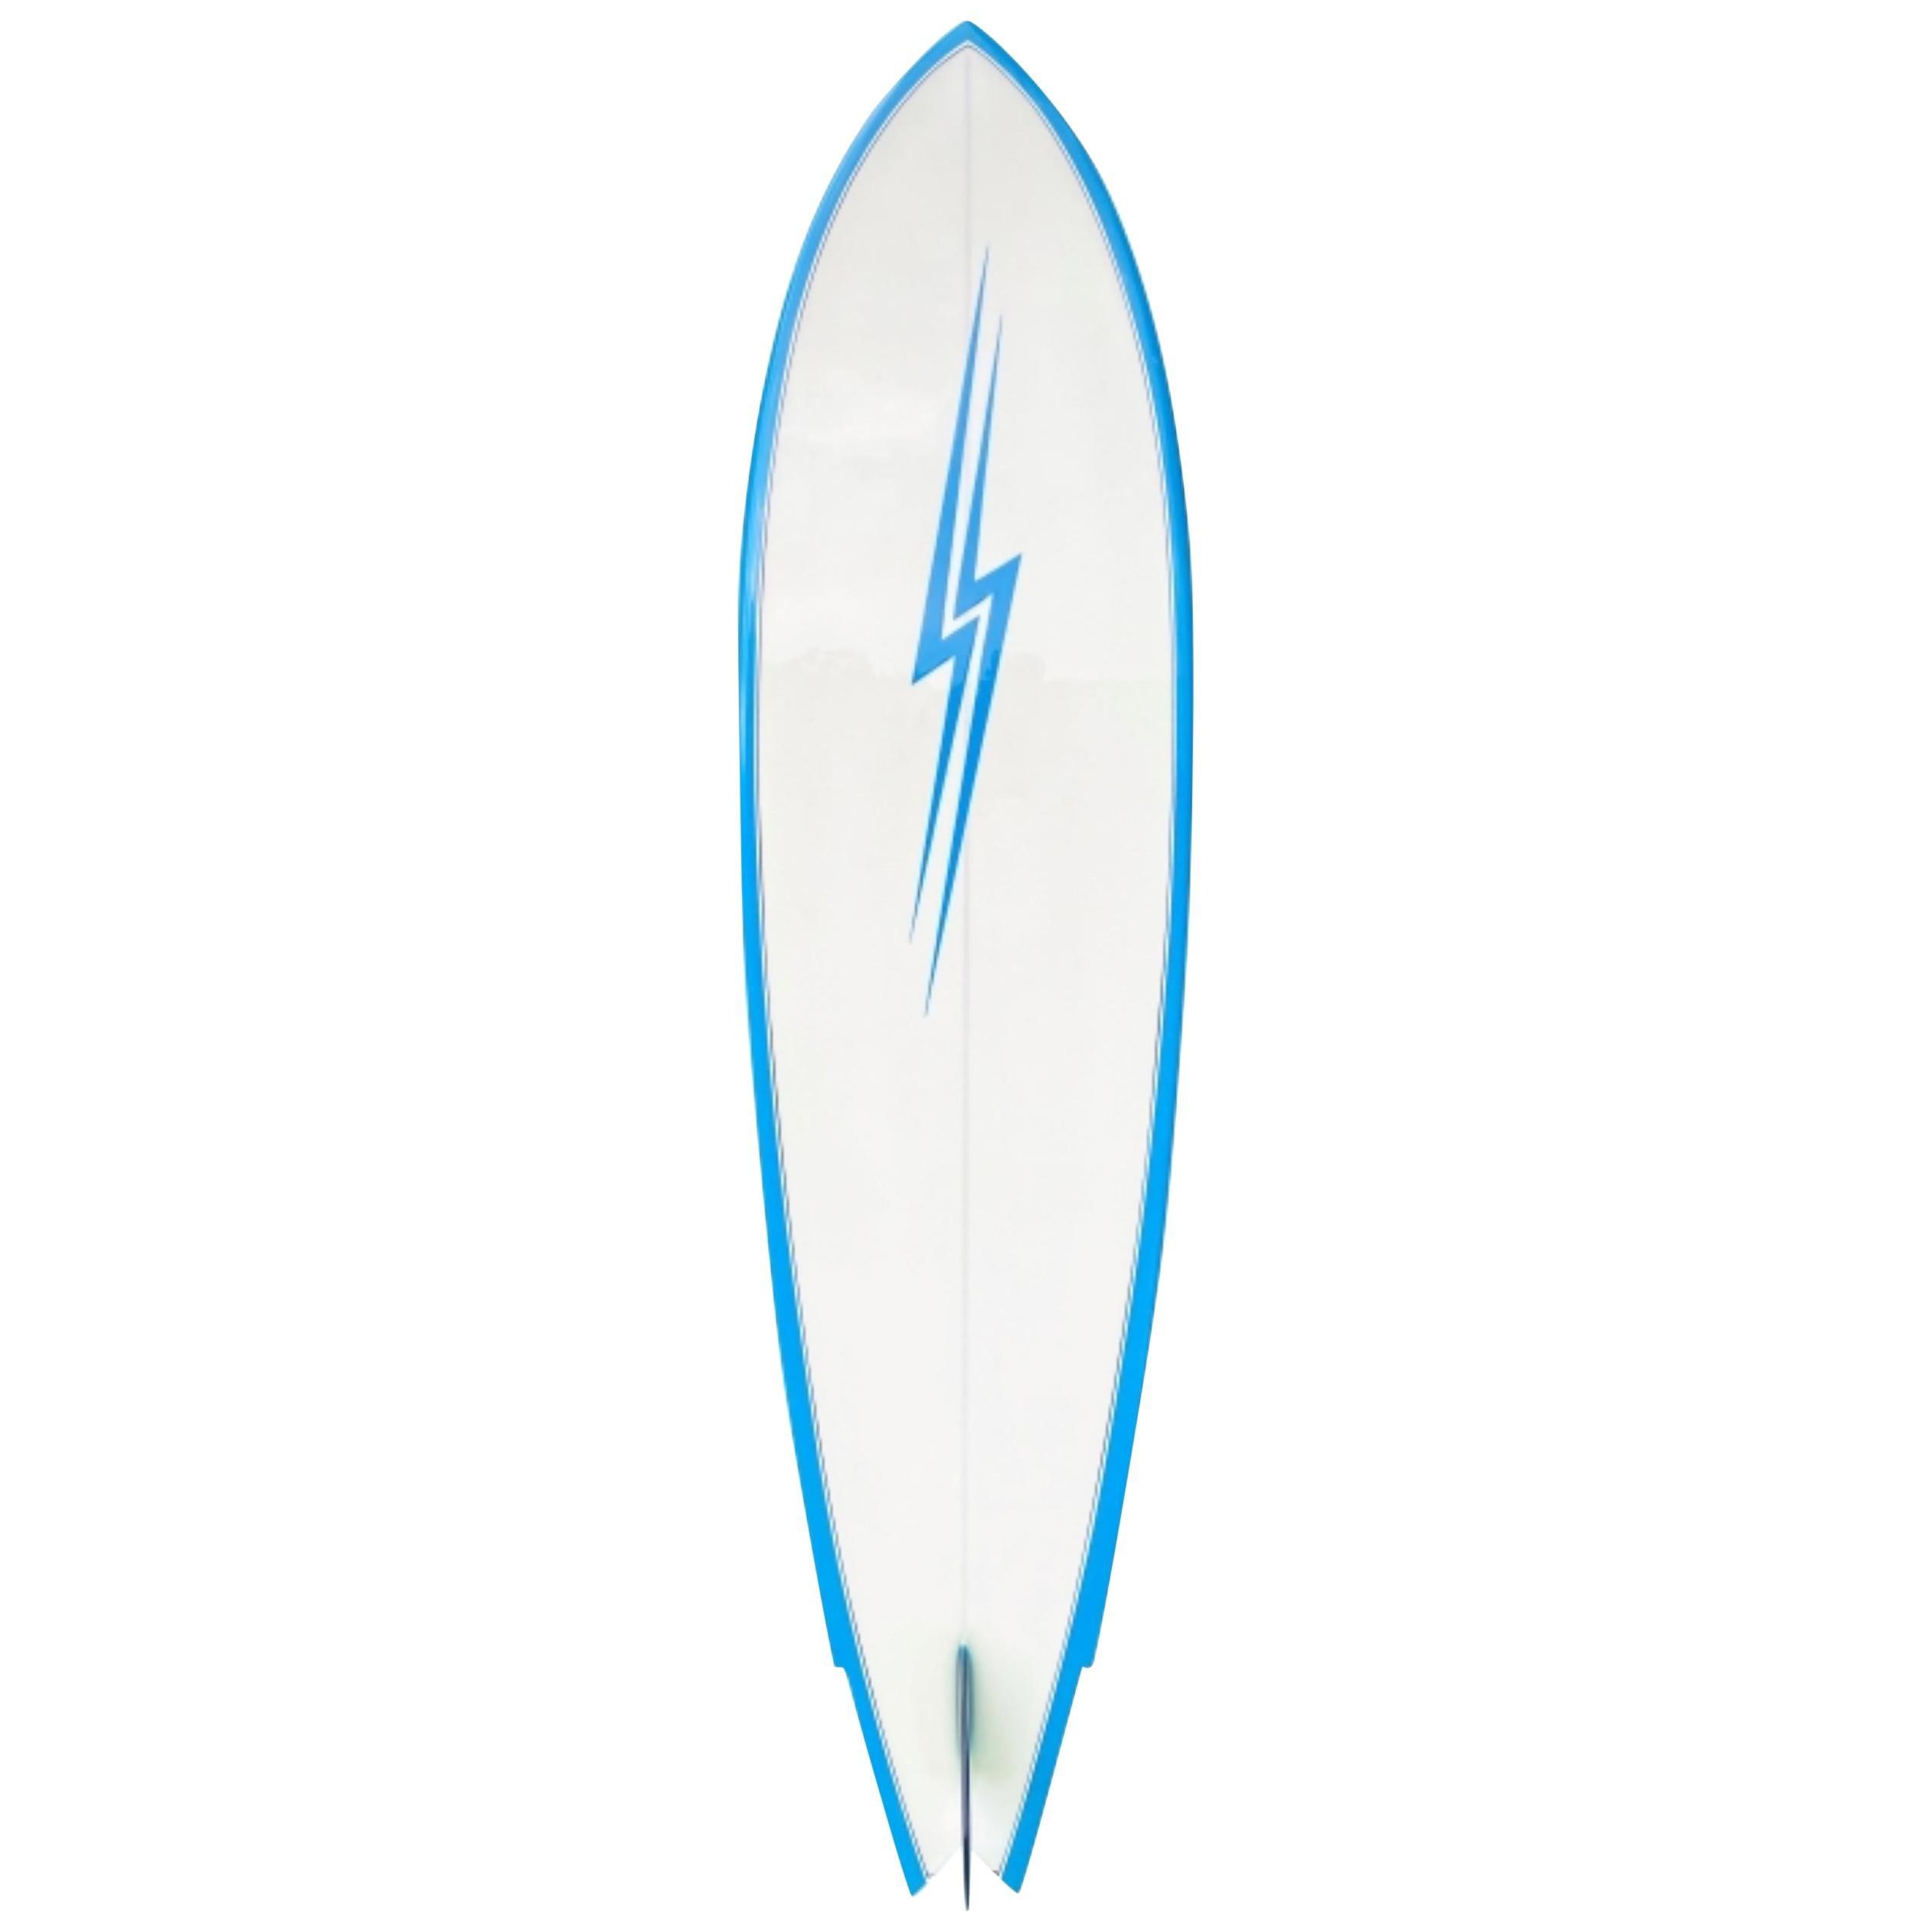 Vintage 1970s Lightning Bolt Surfboard by Tom Parrish